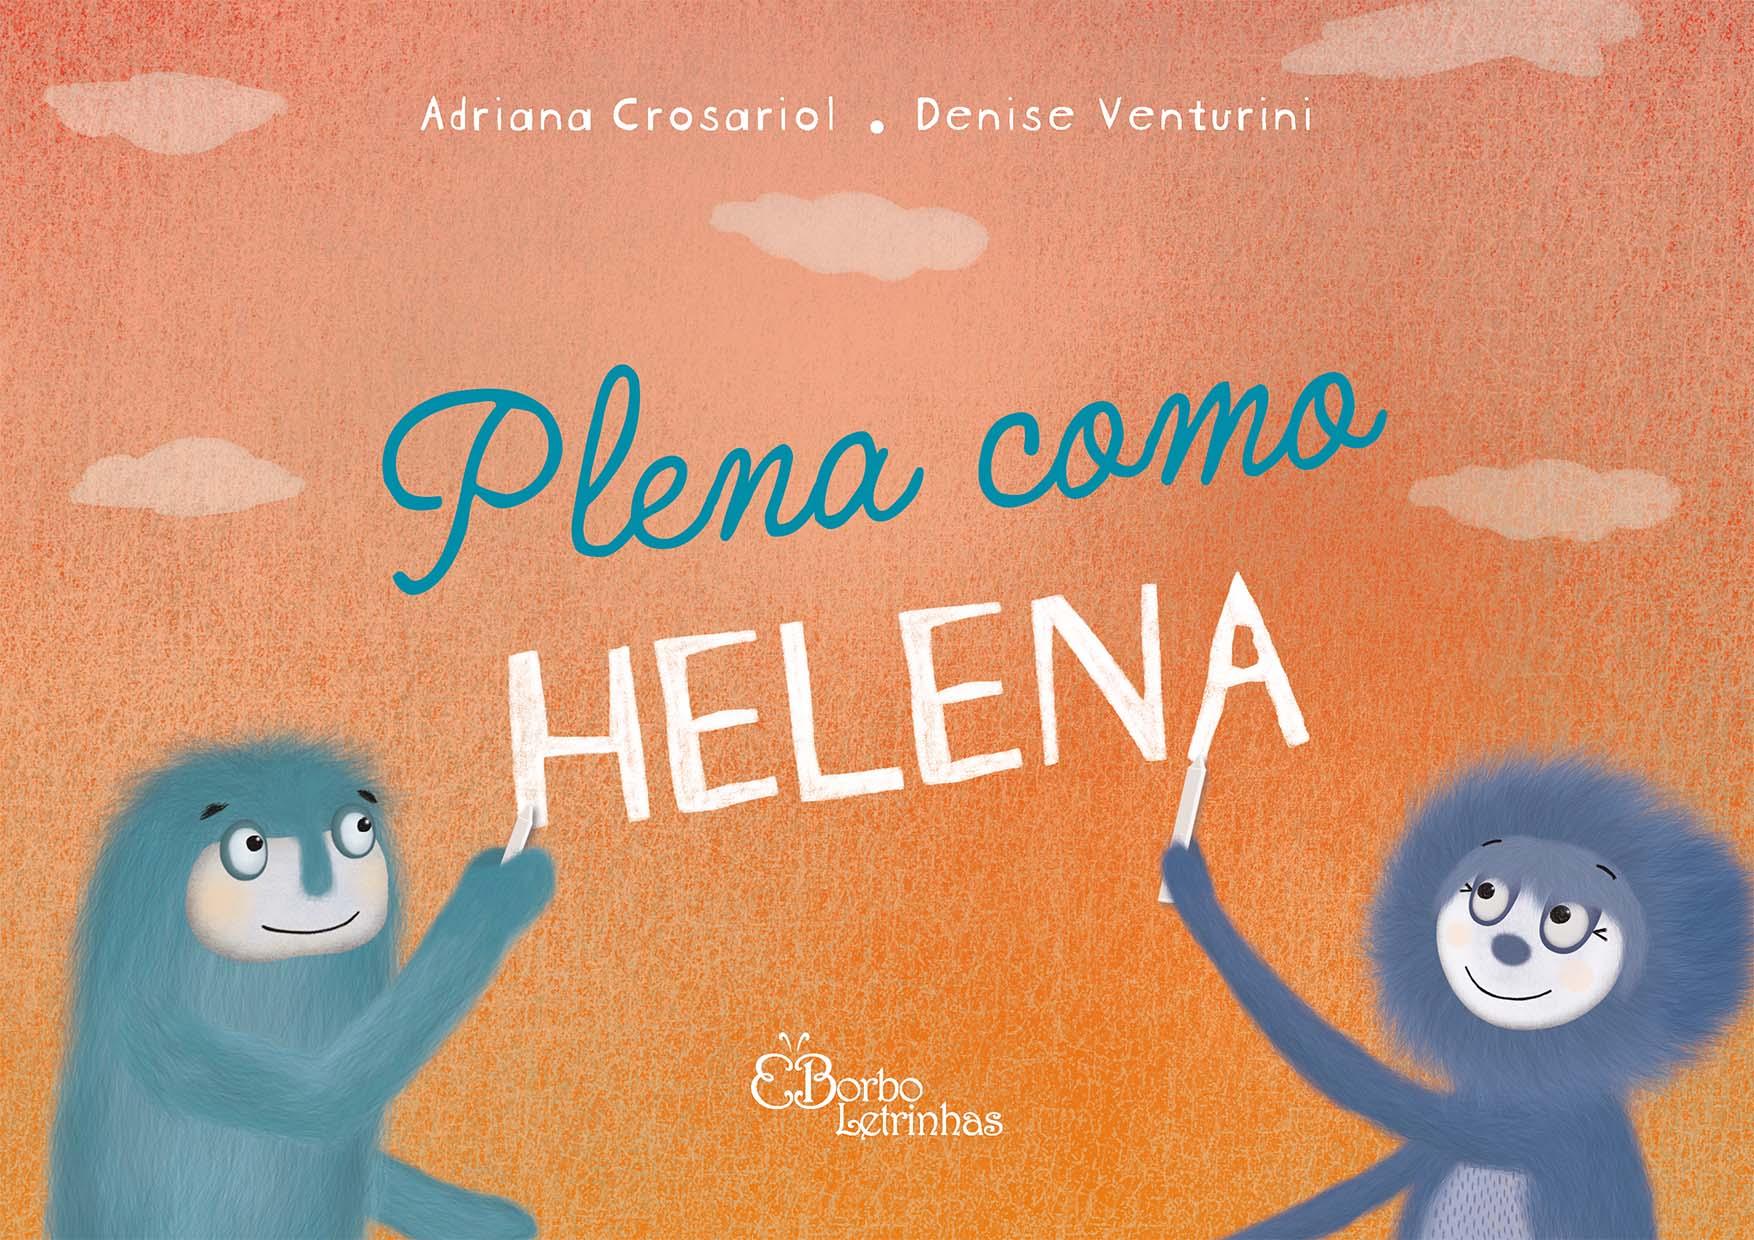 Plena como Helena